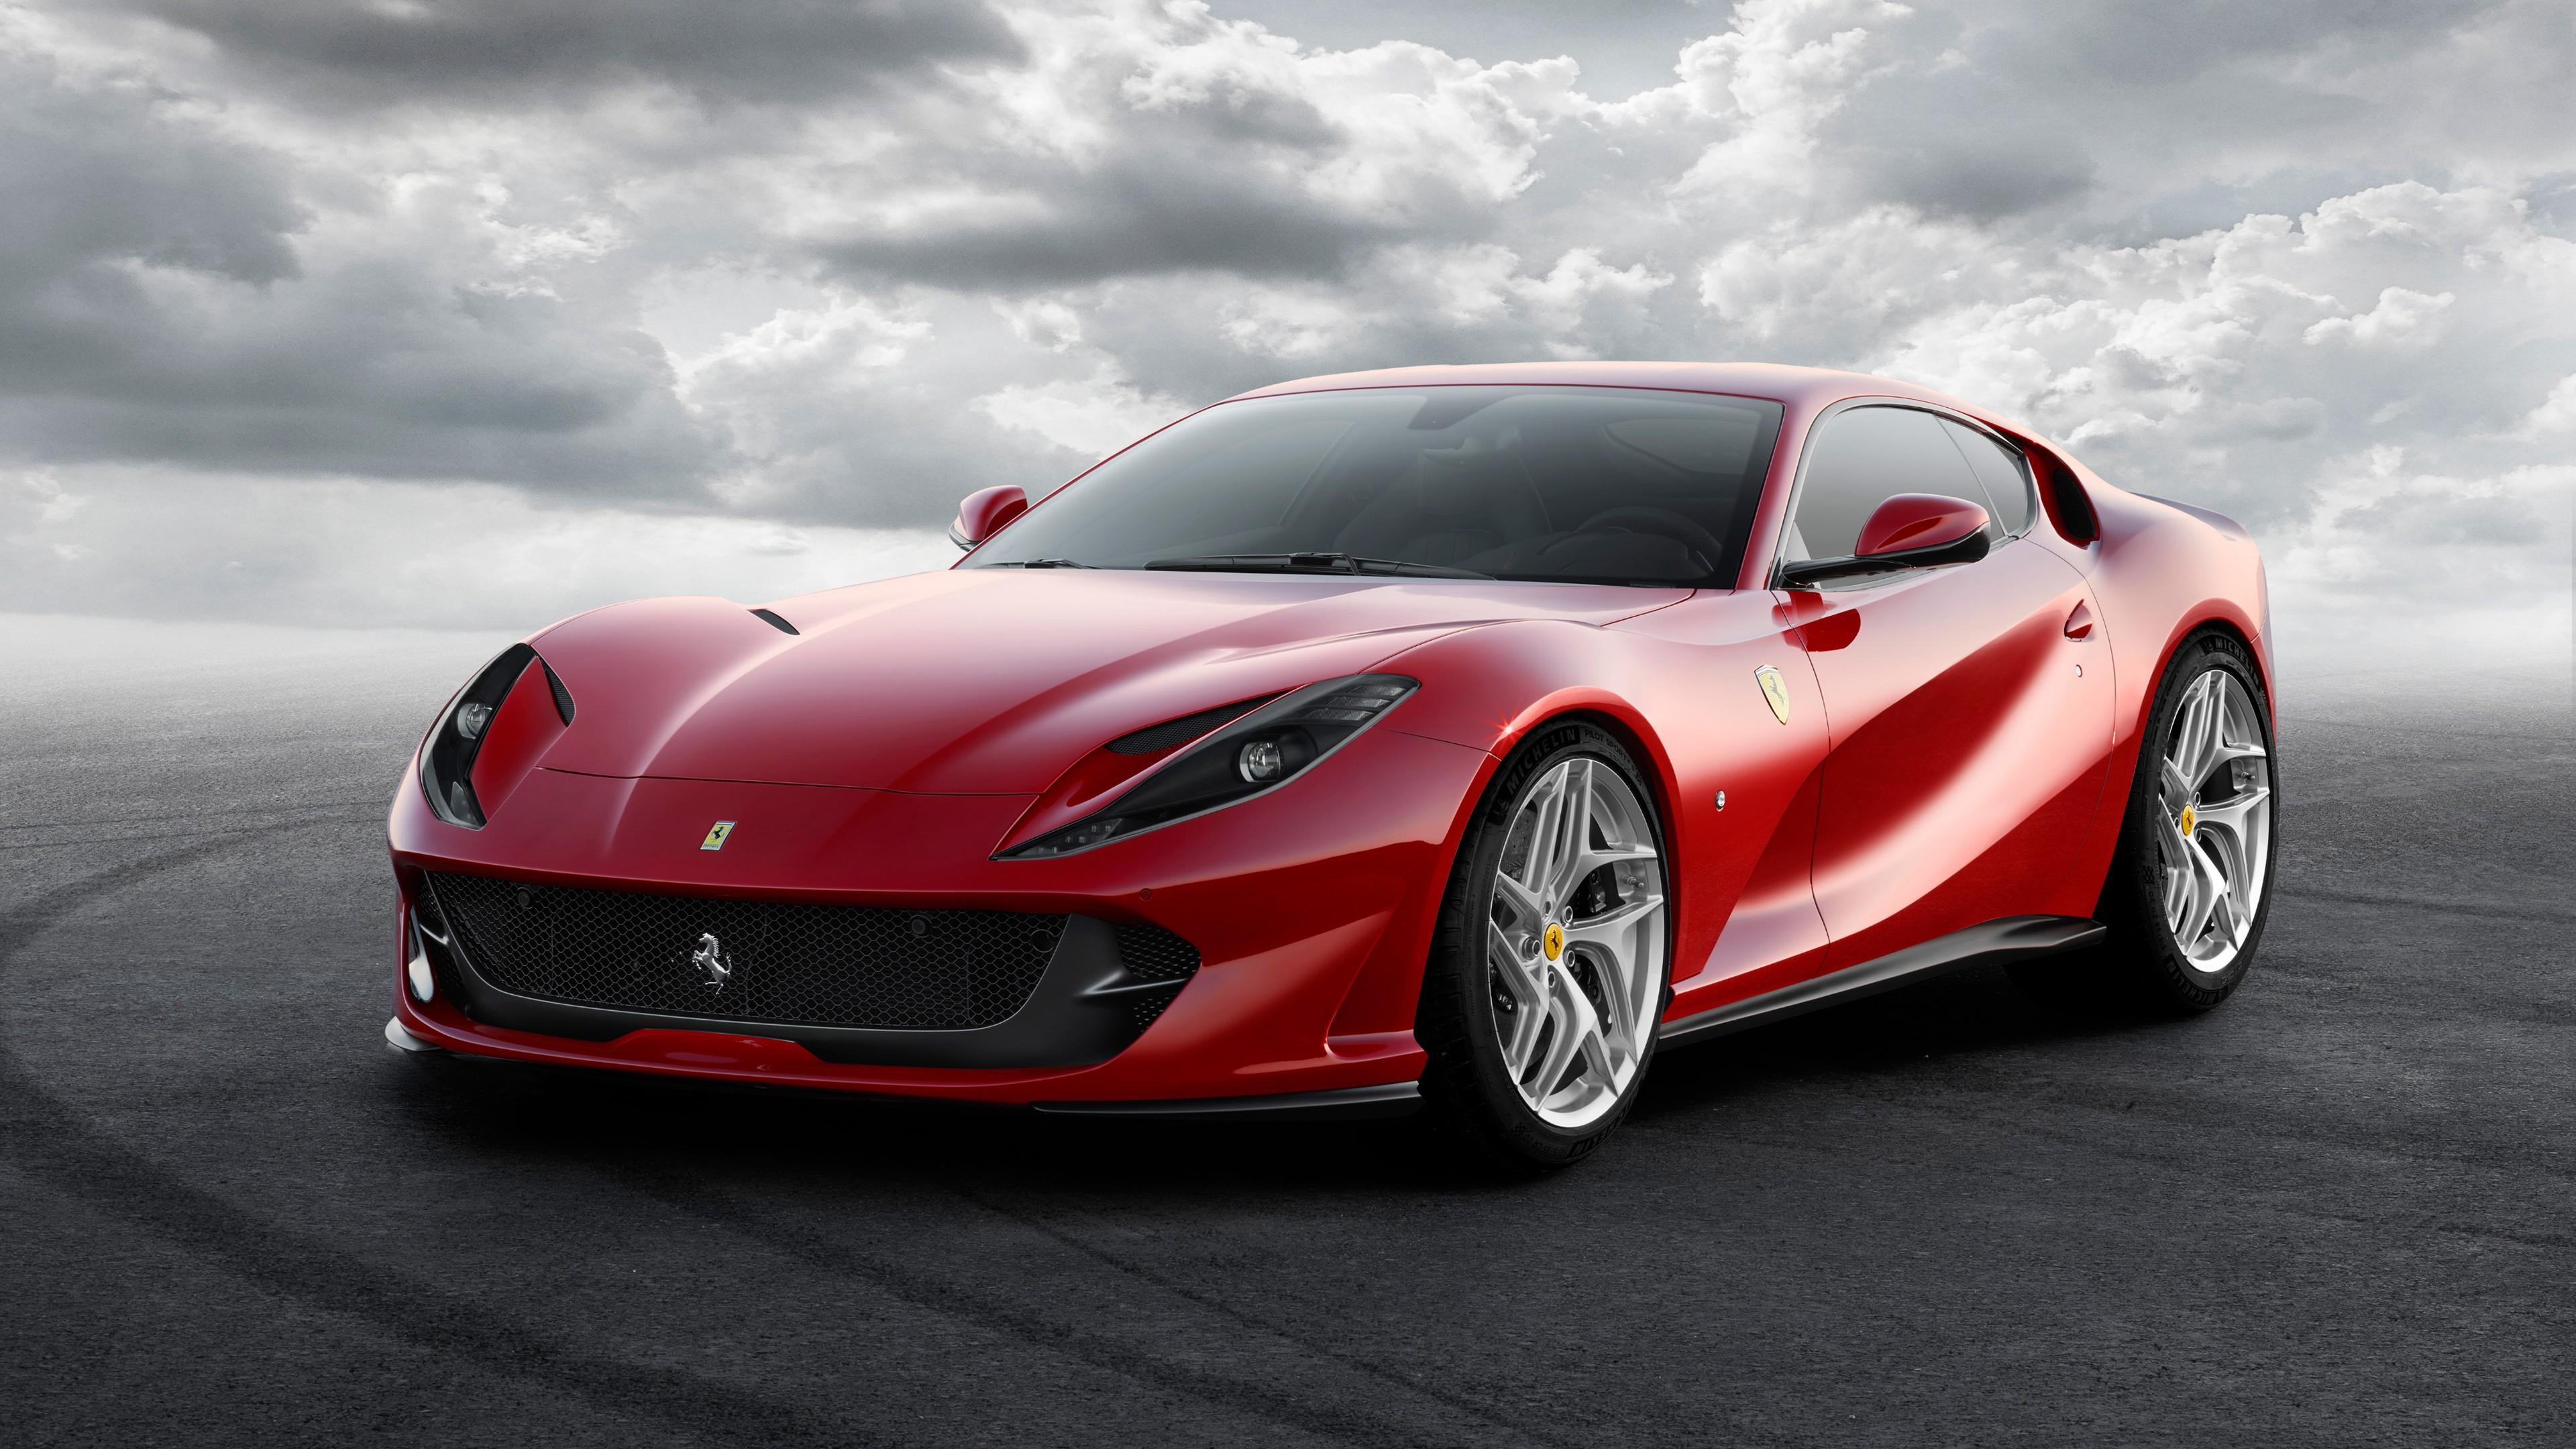 Ferrari Sports Cars Wallpapers Hd Ferrari 812 Superfast 2017 4k Wallpapers Hd Wallpapers